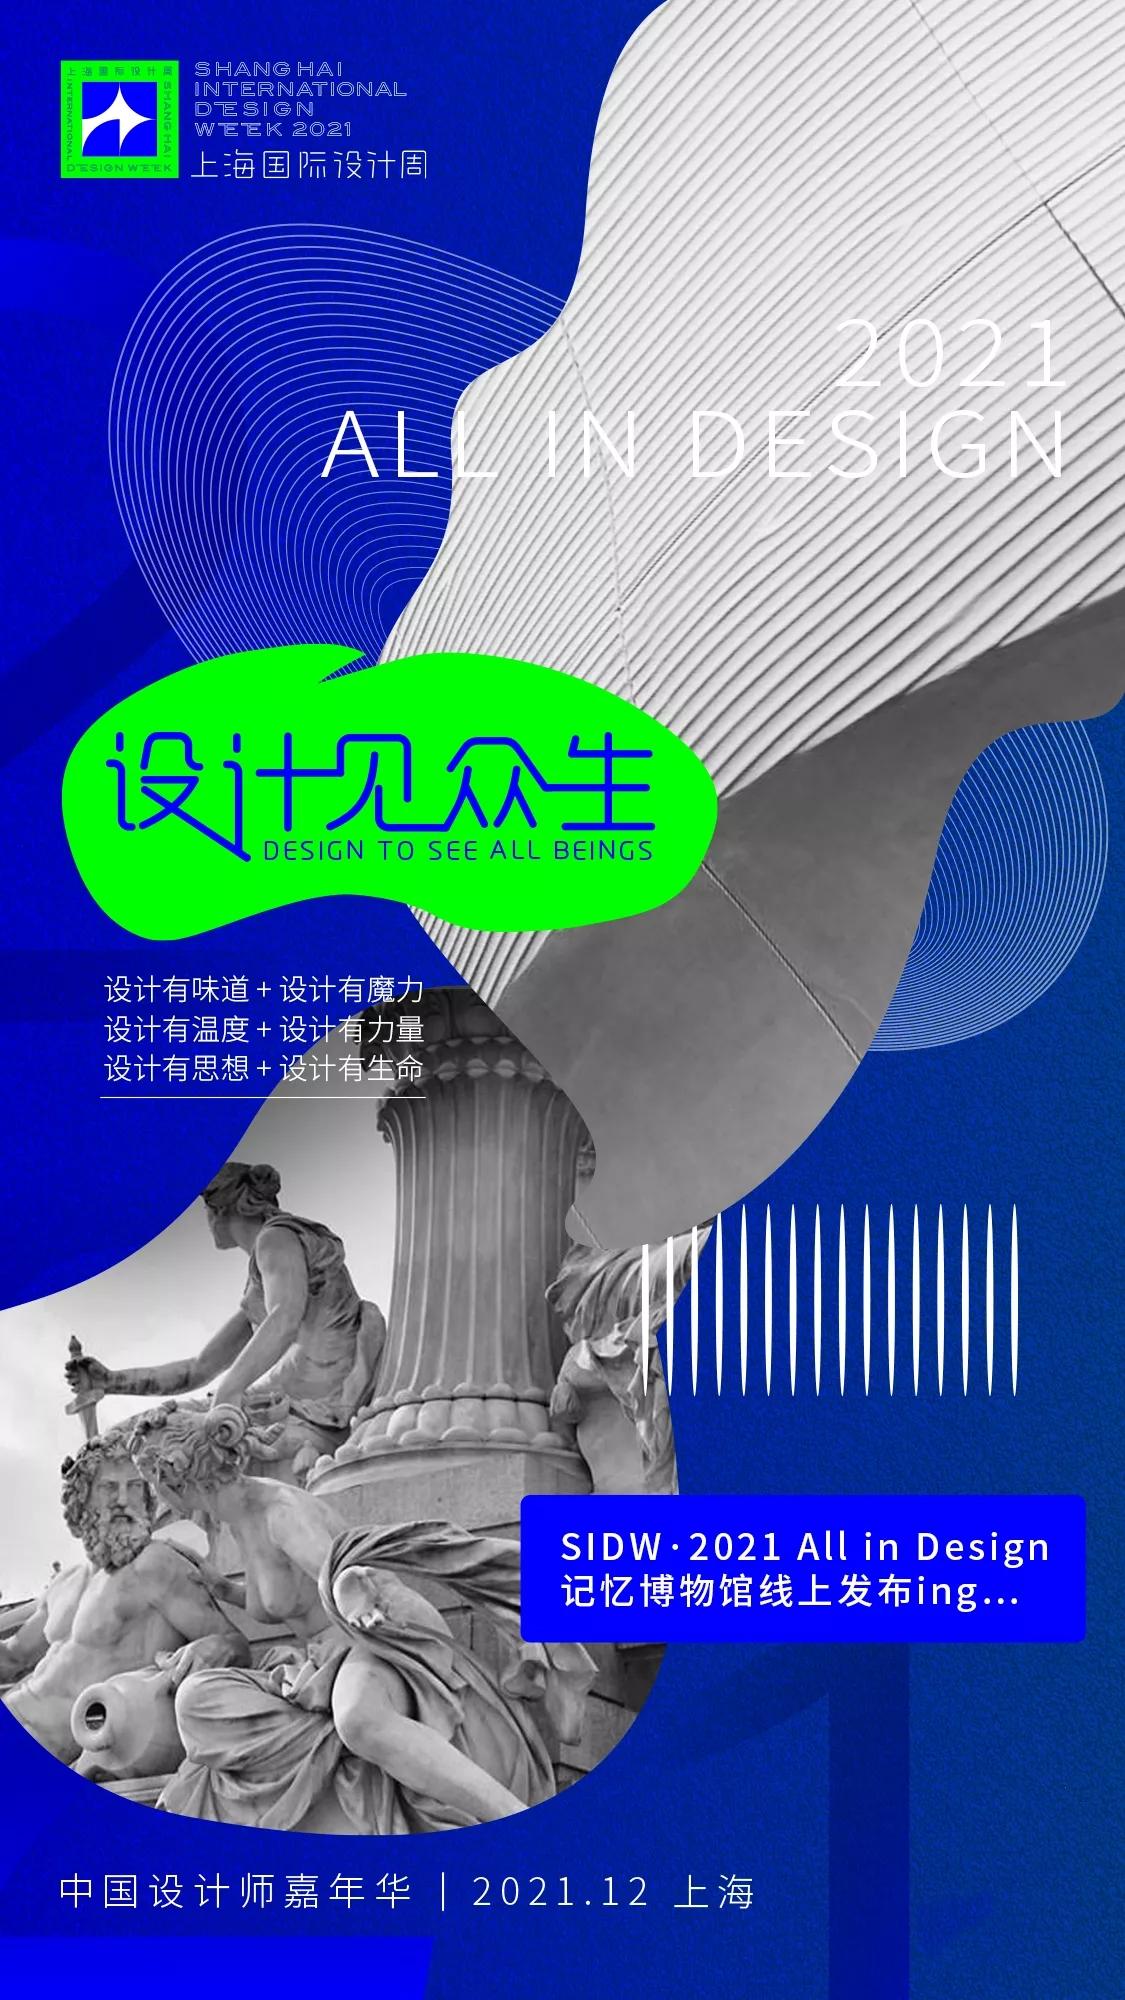 设计见众生丨上海国际设计周·2021 All in Design 记忆博物馆线上发布ing…